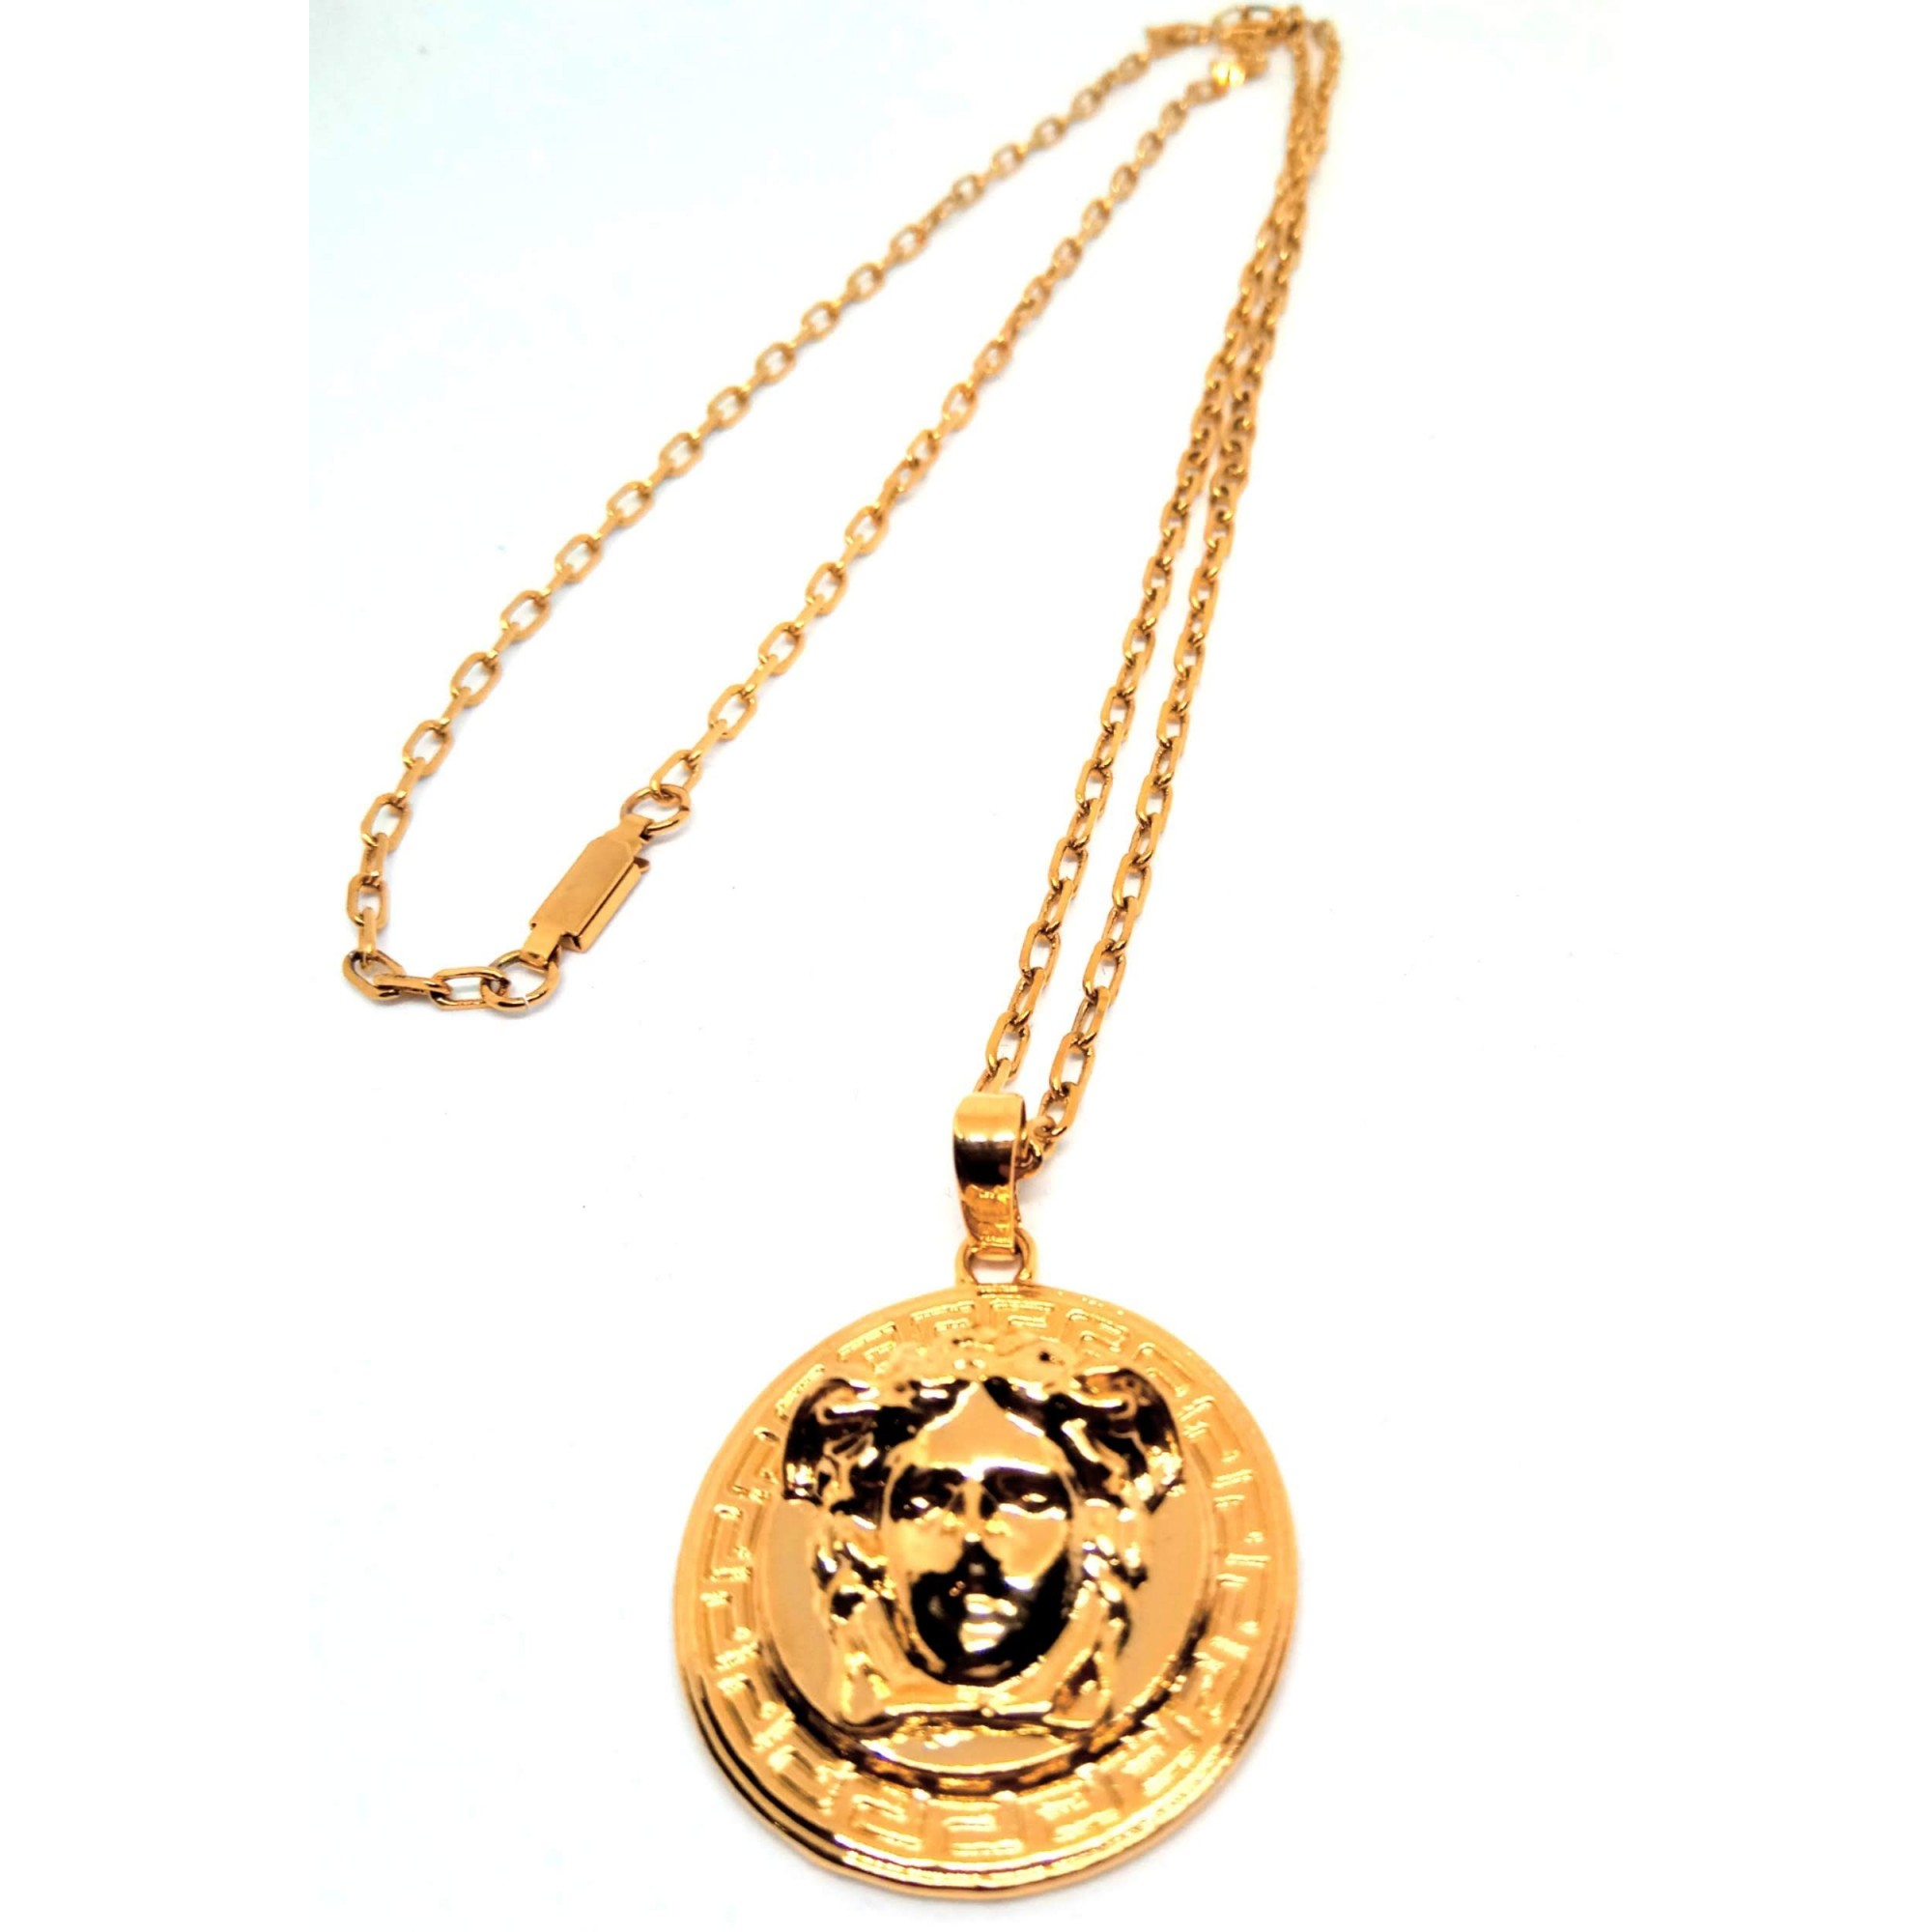 Corrente Cordão Banhado ouro 18k Elos Cadeado Medusa 3mm